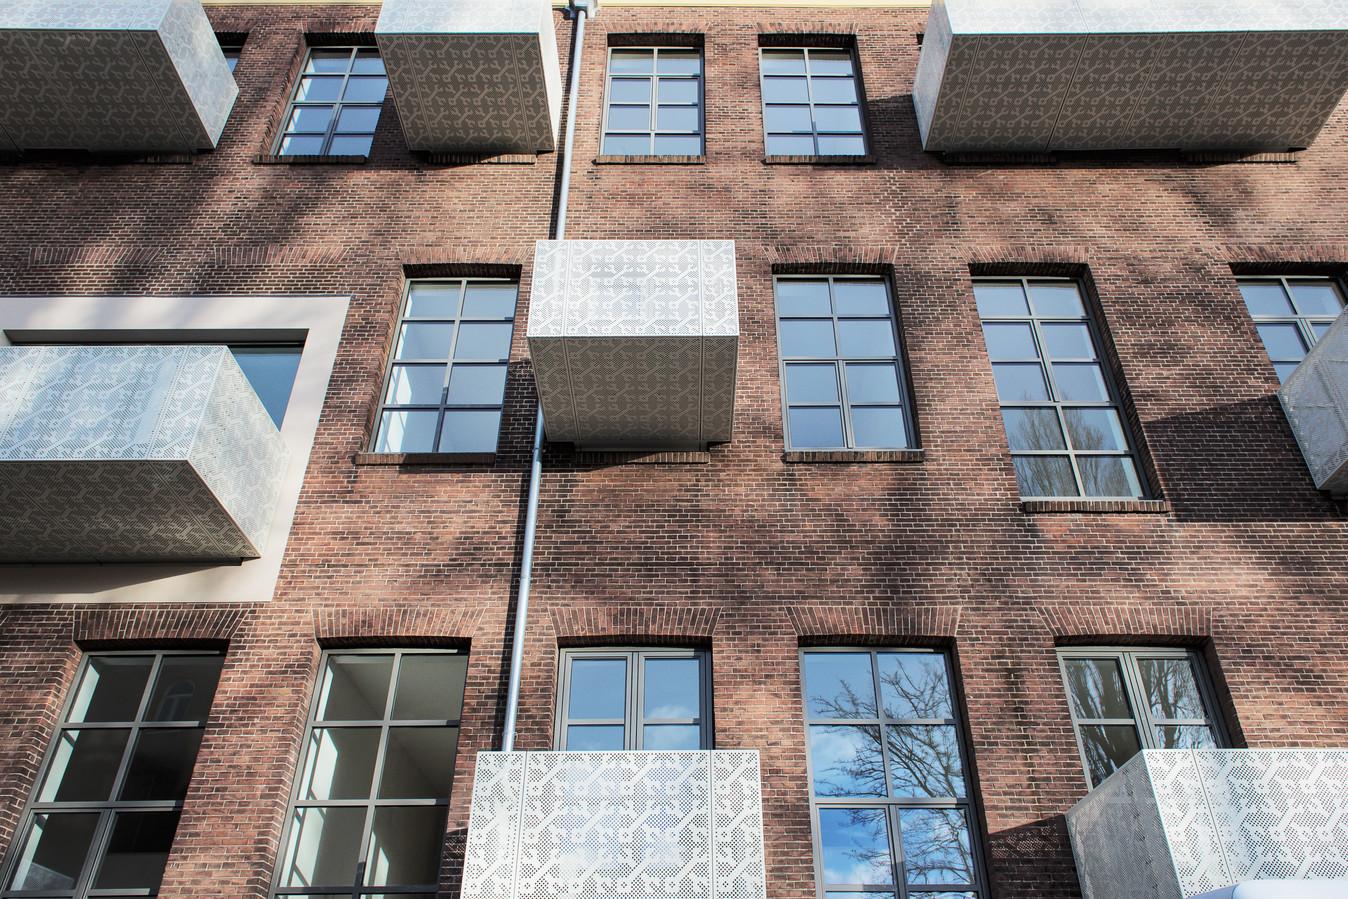 De Boulevard (Boulevard Heuvelink) Ontwerp: opZoom architecten Opdrachtgever: SPF Beheer en bouwcombinatie Klok-Draisma Omschrijving: Transformatie van de oude ambachtsschool naar appartementencomplex